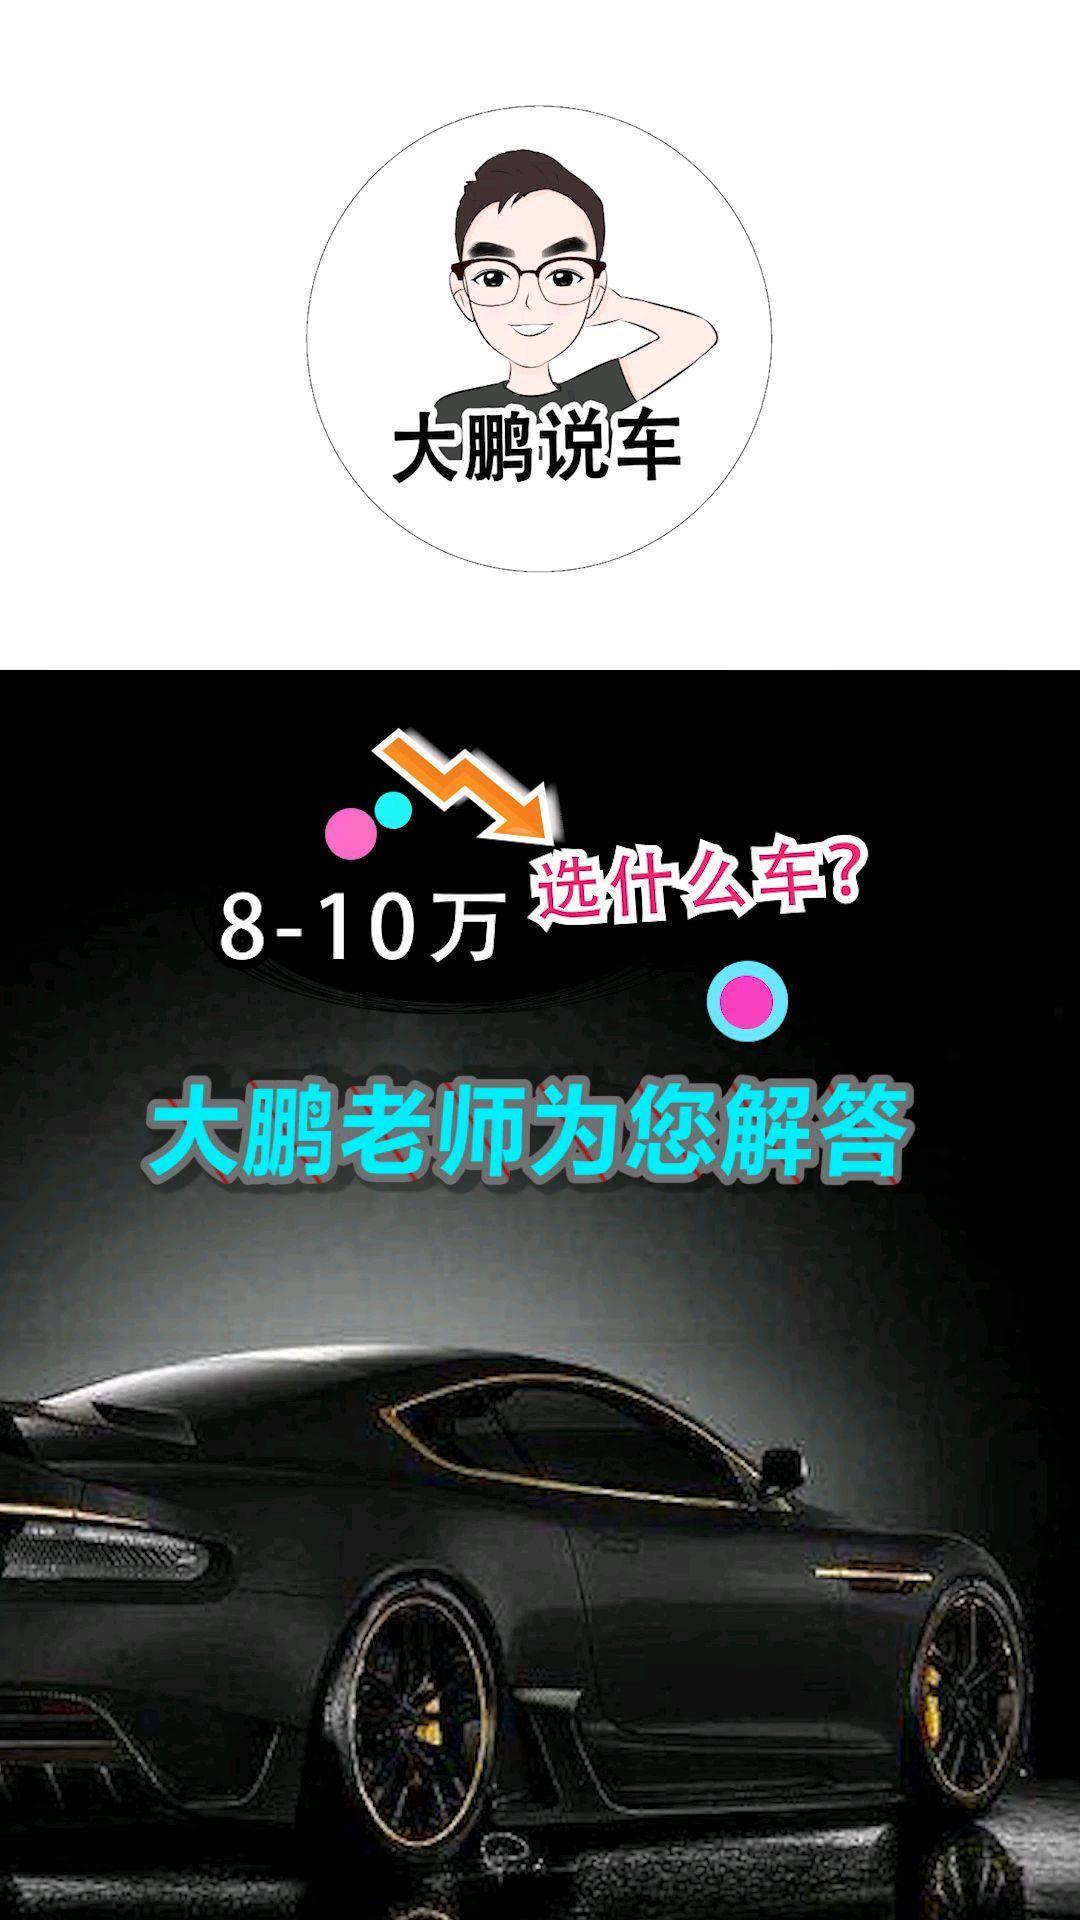 【大鹏说车】预算8—10万轿车的靠谱选择!诚恳建议!